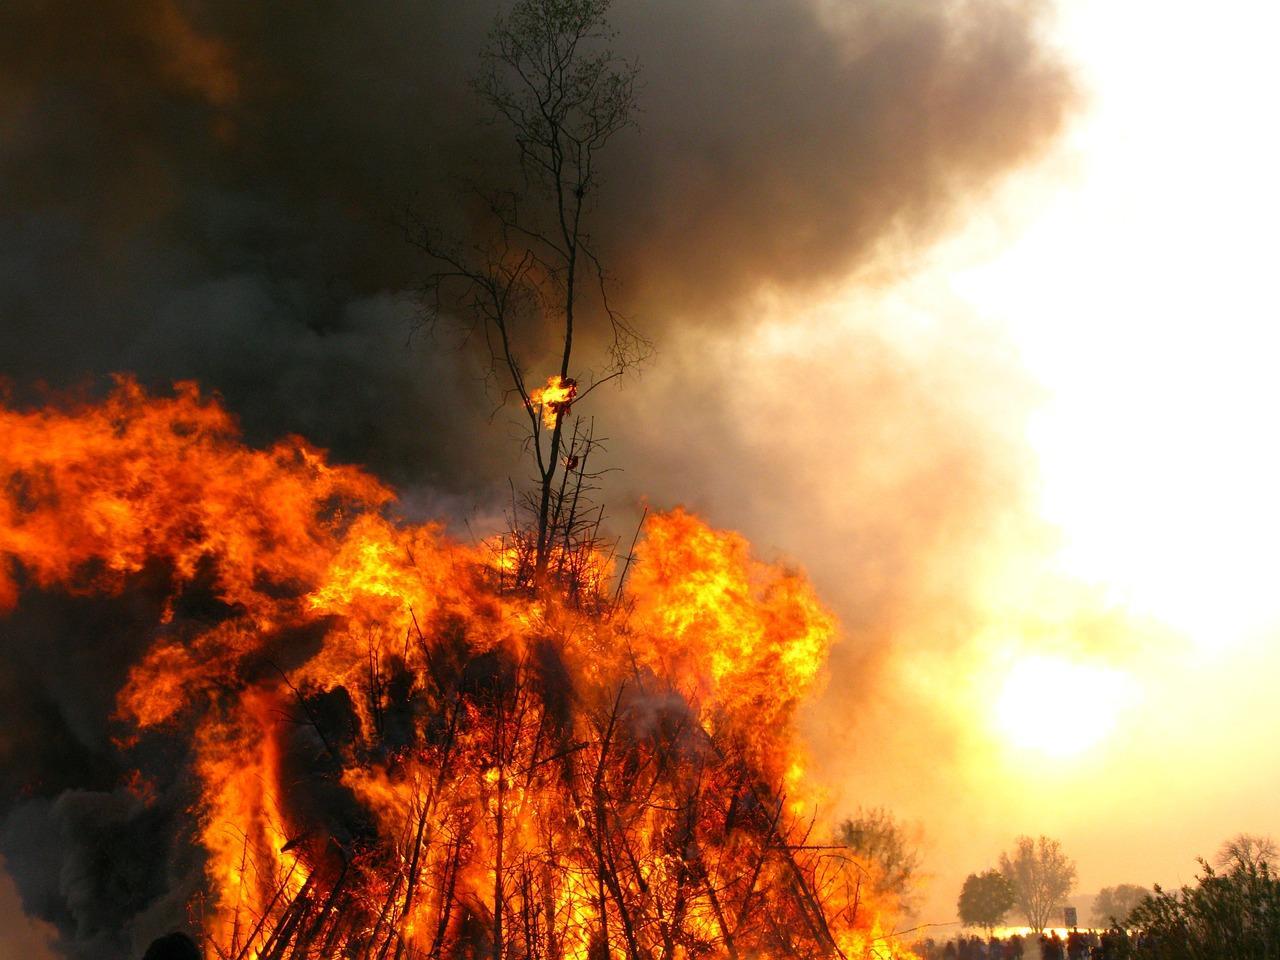 Revel, un feu ravage 5 ha à Saint Ferréol